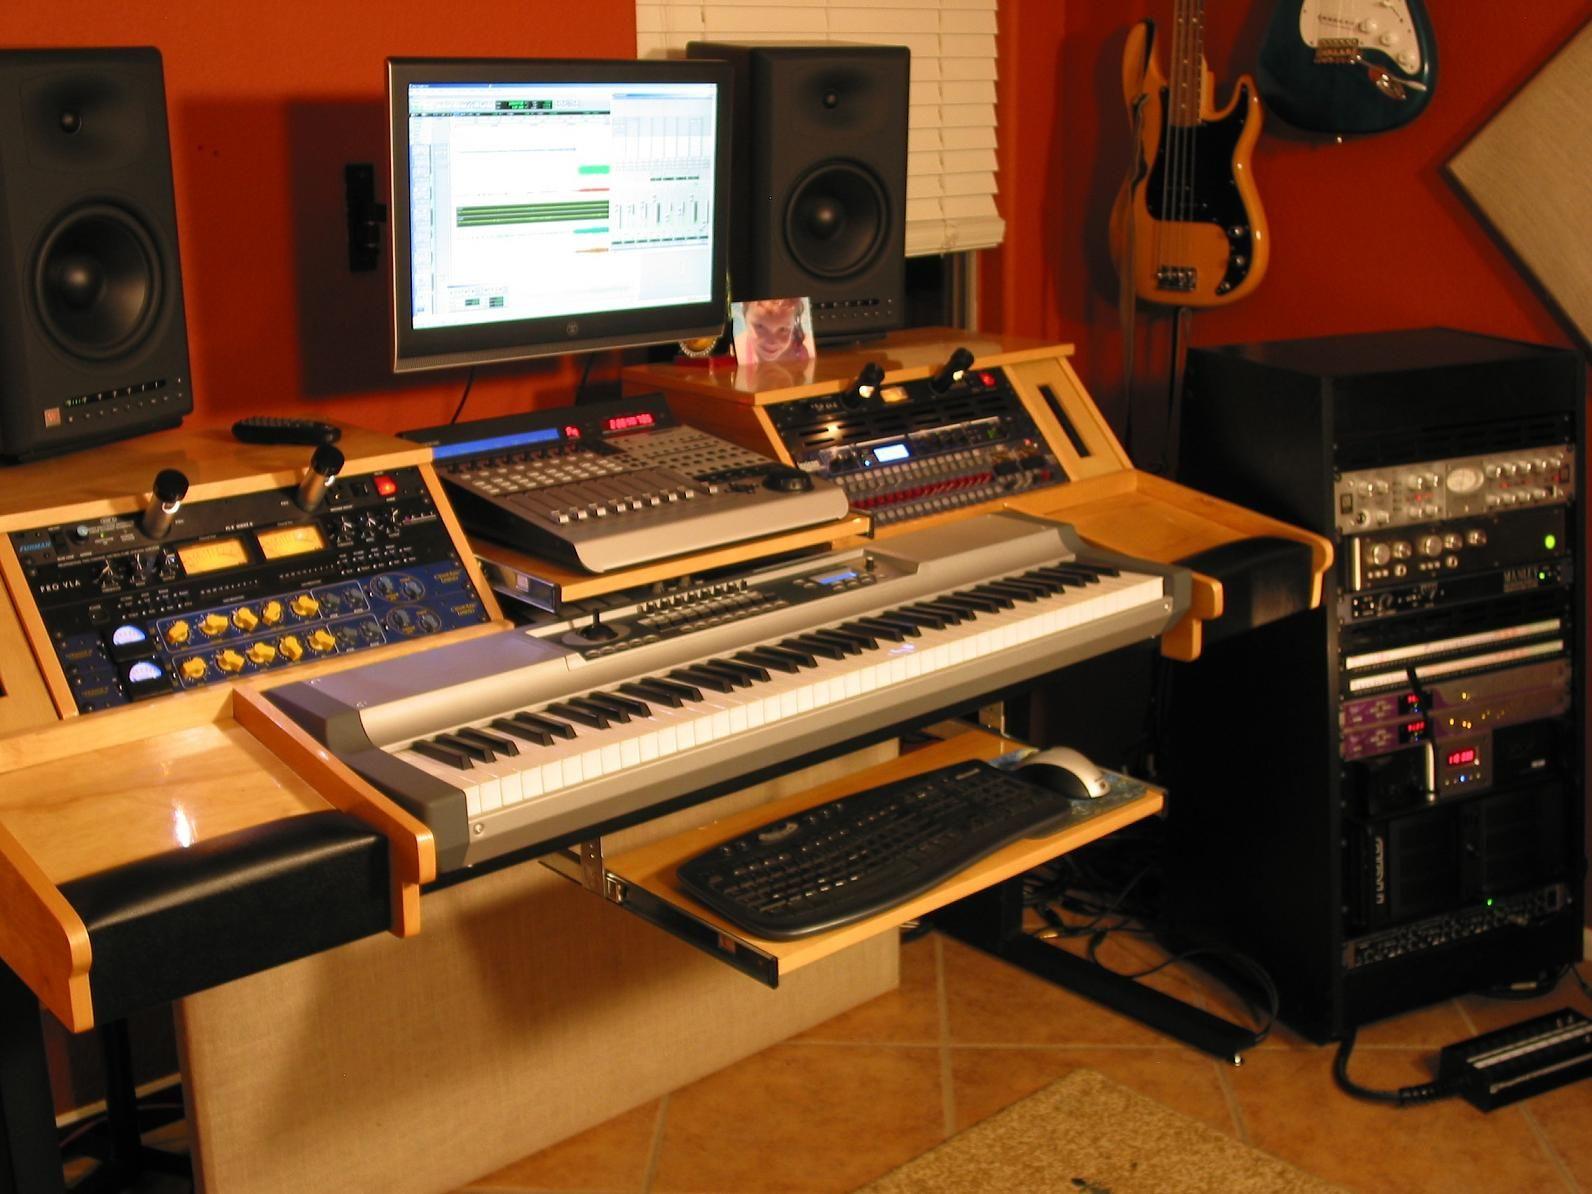 102300d1228324910 custom studio workstations jpeg image 1592 1194 pixels. Black Bedroom Furniture Sets. Home Design Ideas